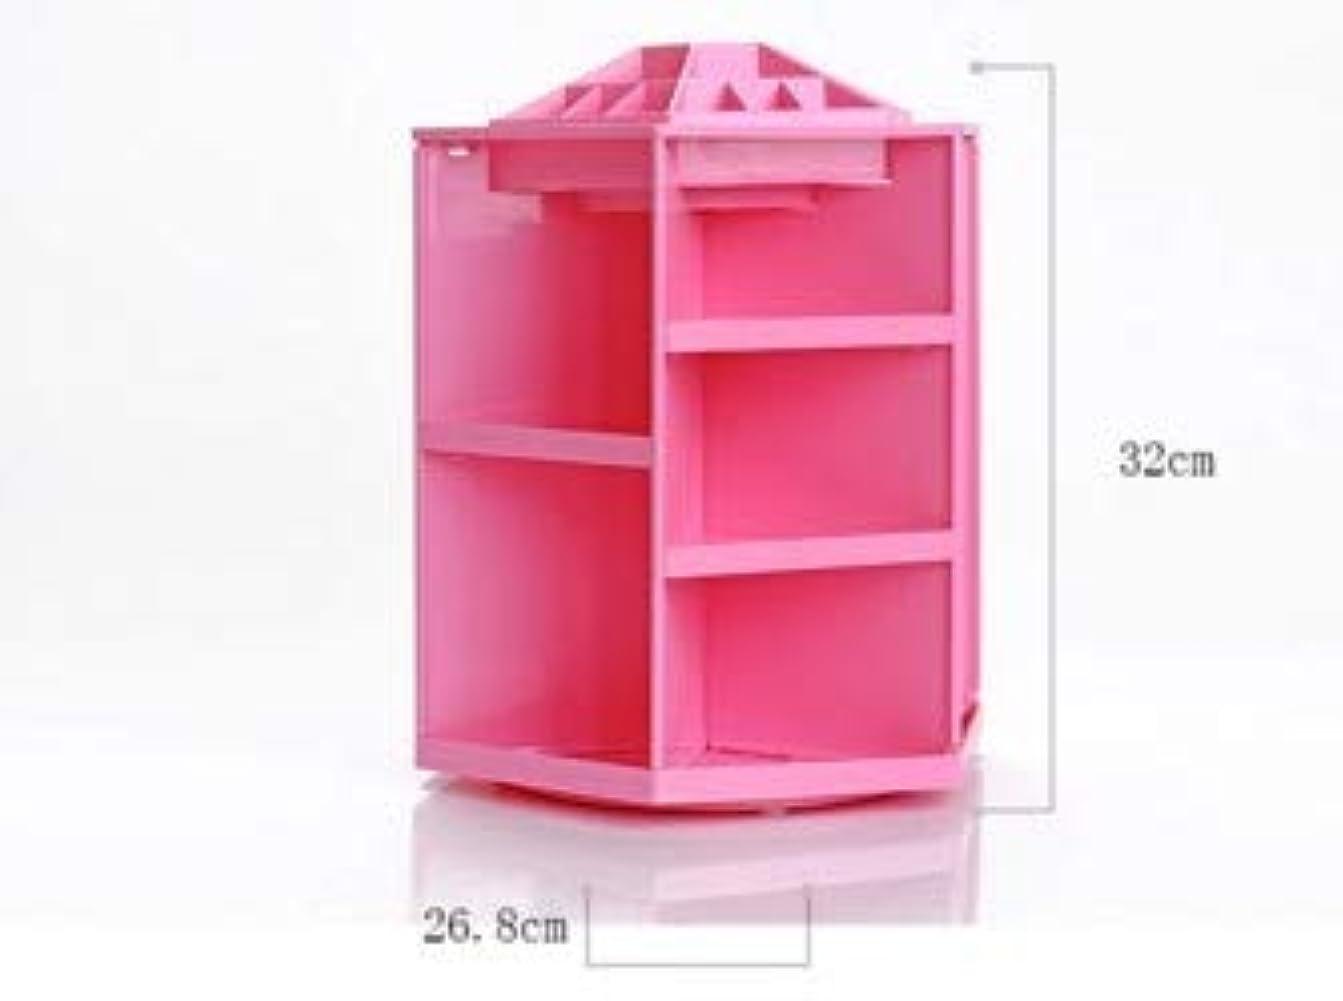 サイドボード正確に後クリエイティブキャンディーカラー多機能化粧品収納ボックス360度回転デスクトップジュエリーボックス (Color : ピンク)